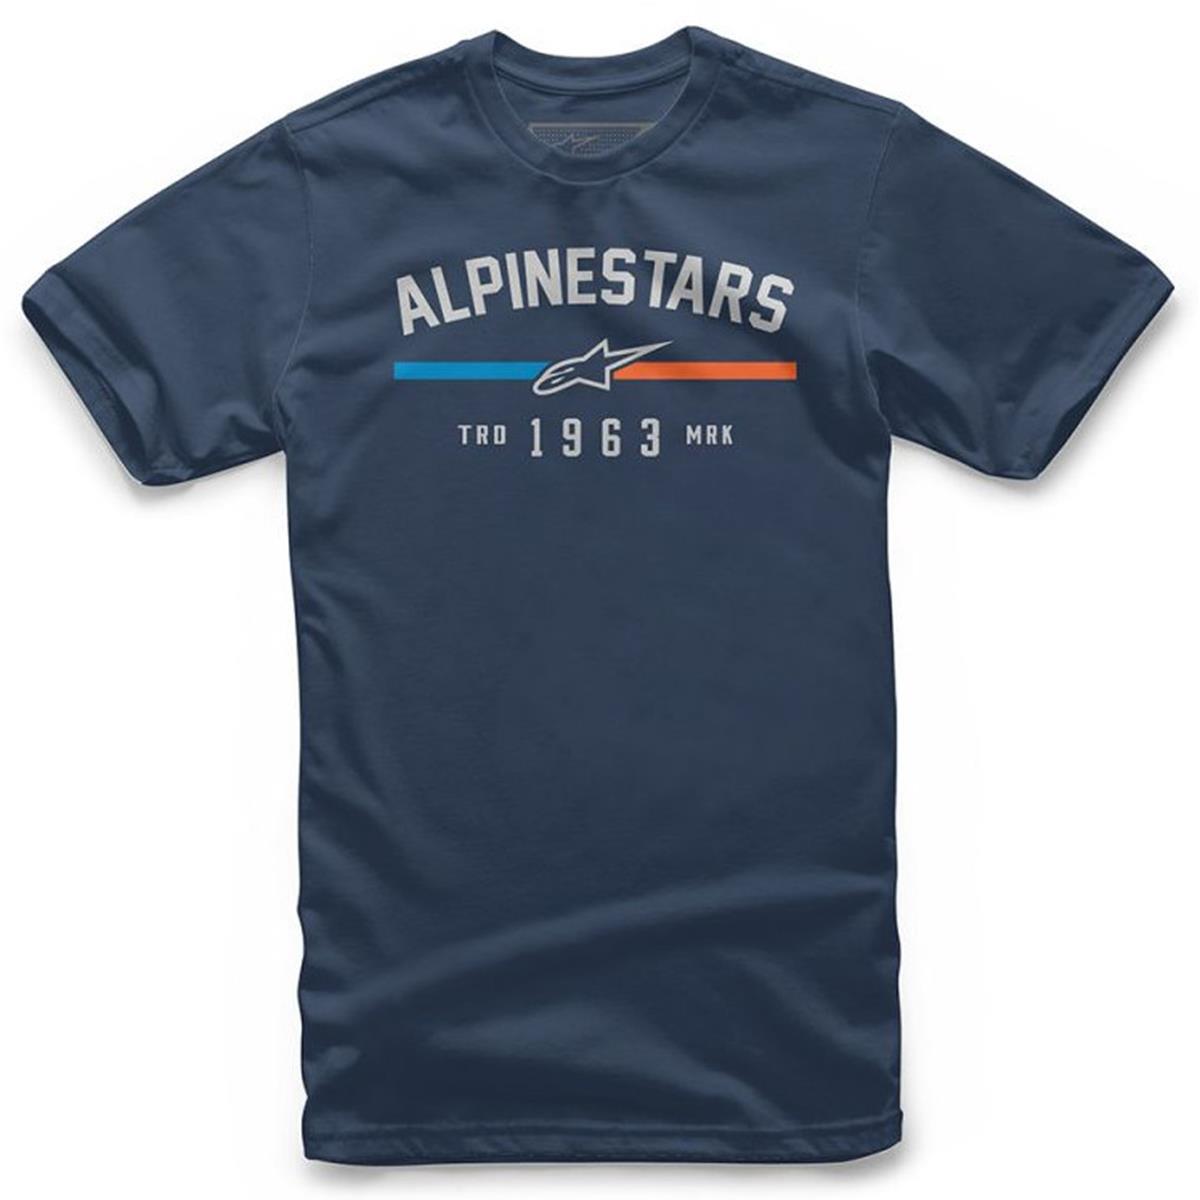 Alpinestars T-Shirt Betterness Navy